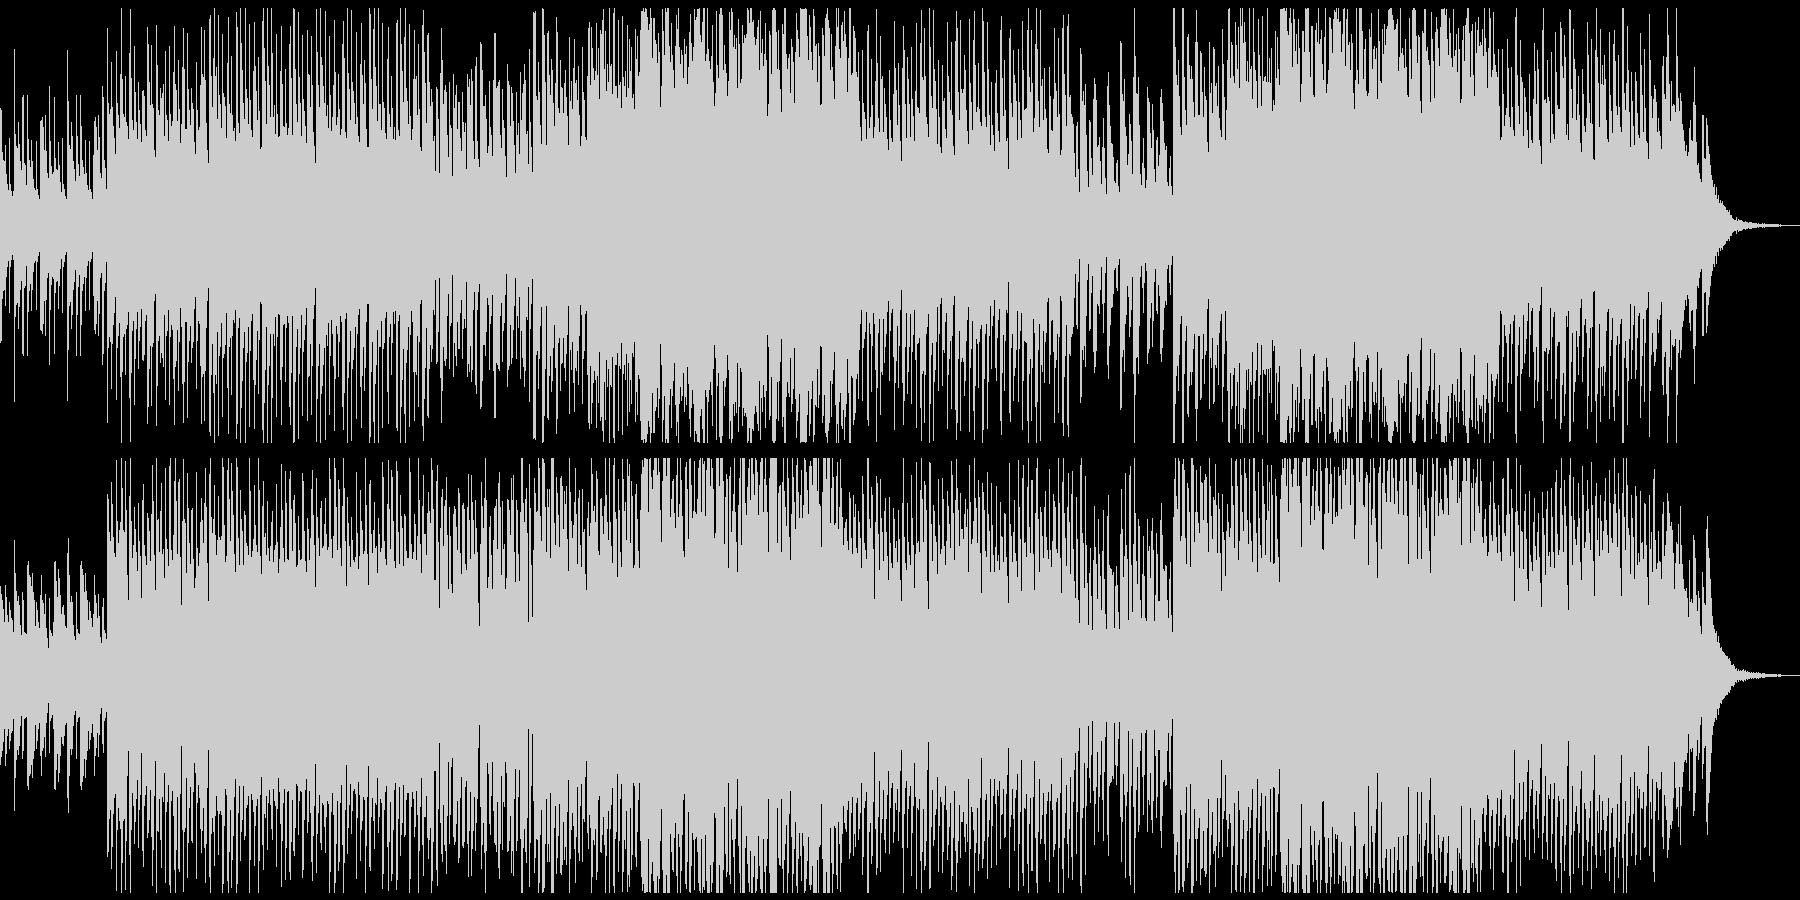 怪しさと陽気さが混在したハロウィンBGMの未再生の波形